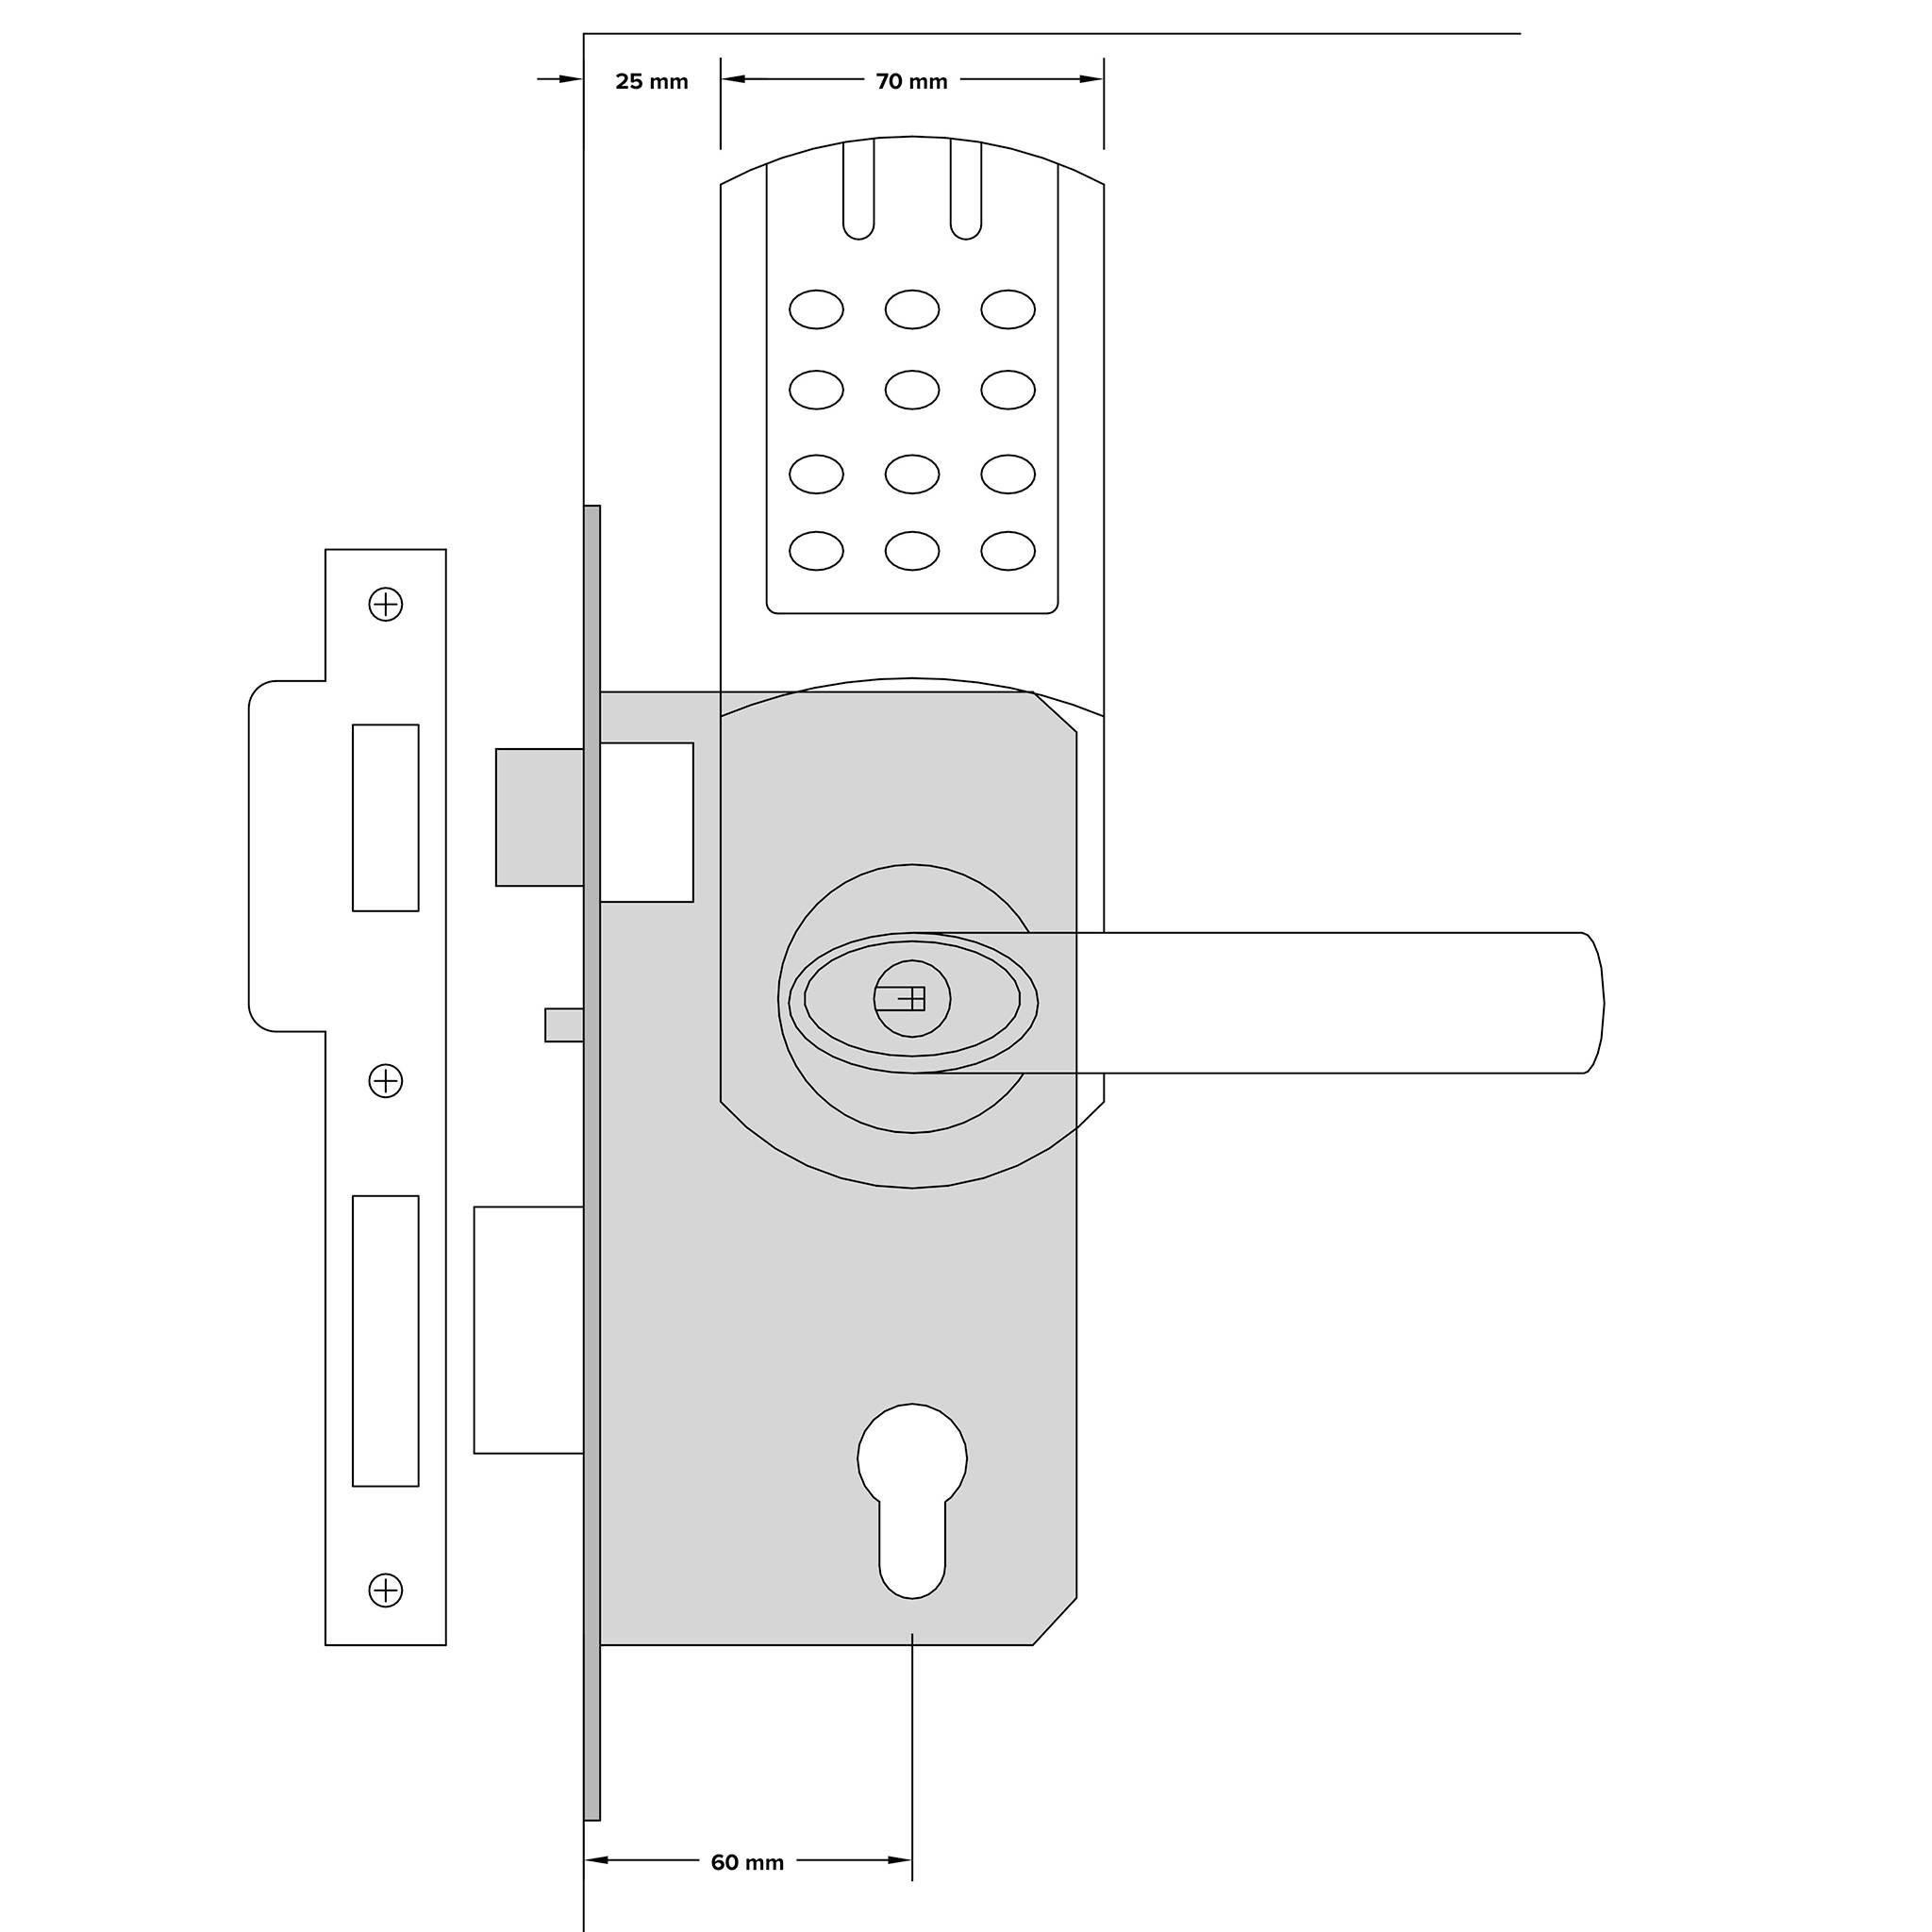 fechaduras de controlo remoto